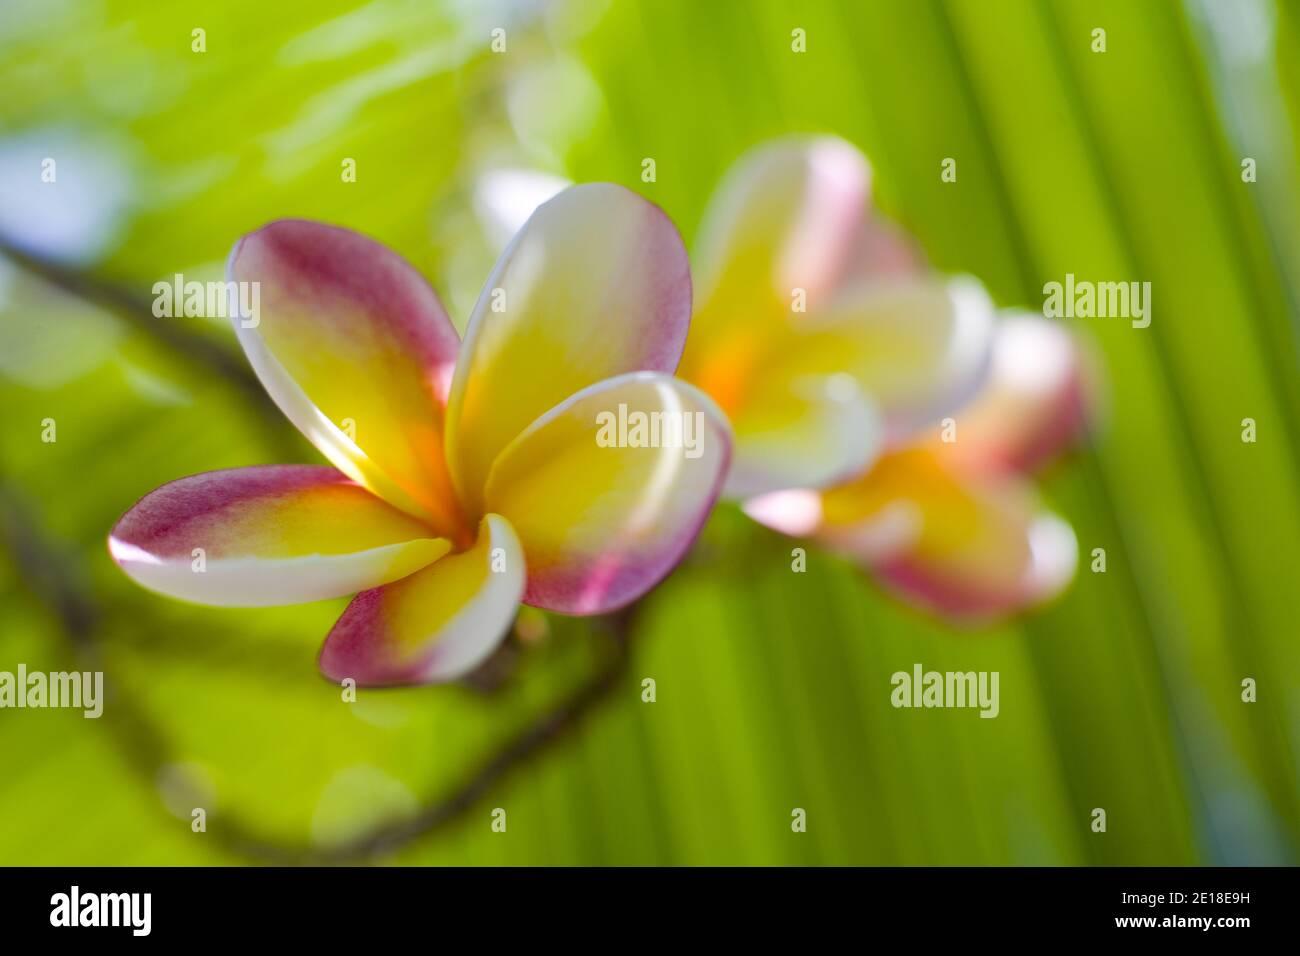 Flores de Plumeria, una flor fragante profundamente ligada a Hawai y su cultura, también llamada ''frangipani Foto de stock